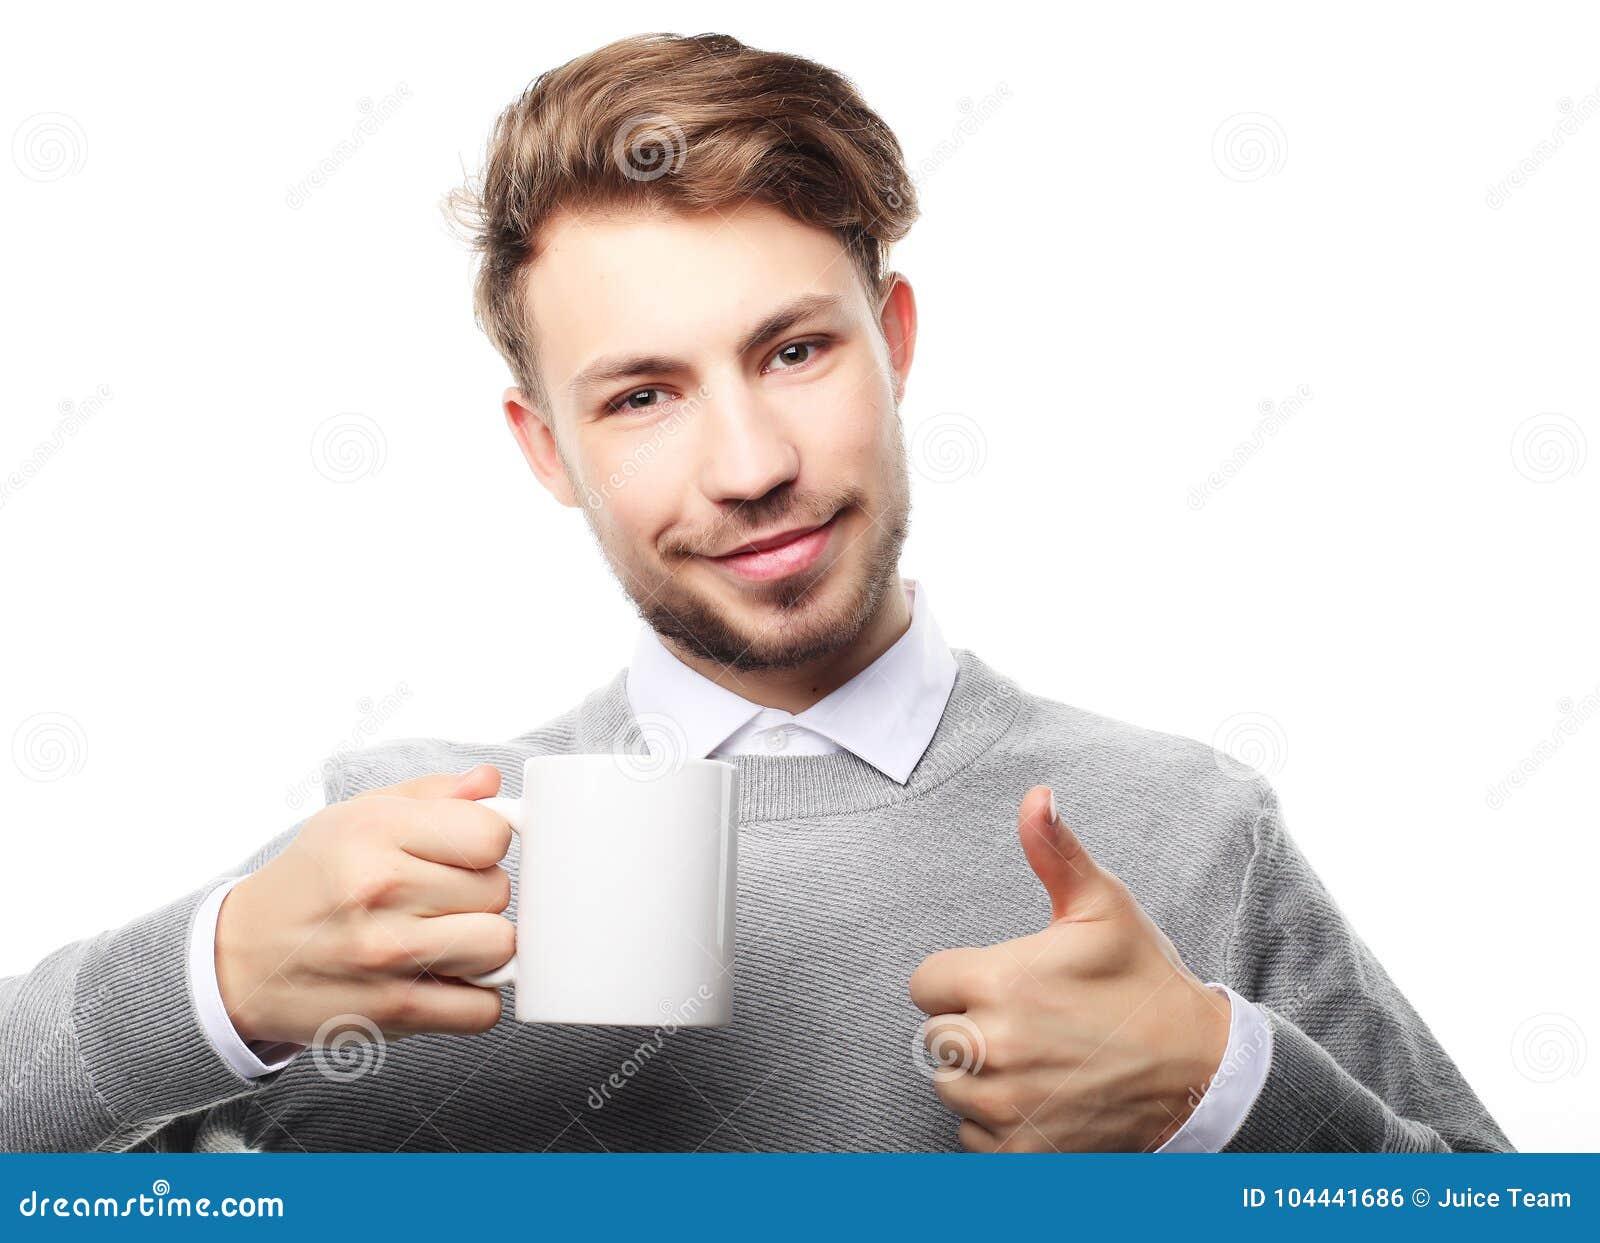 Πορτρέτο του όμορφου νεαρού άνδρα με το φλυτζάνι, που απομονώνεται στο λευκό